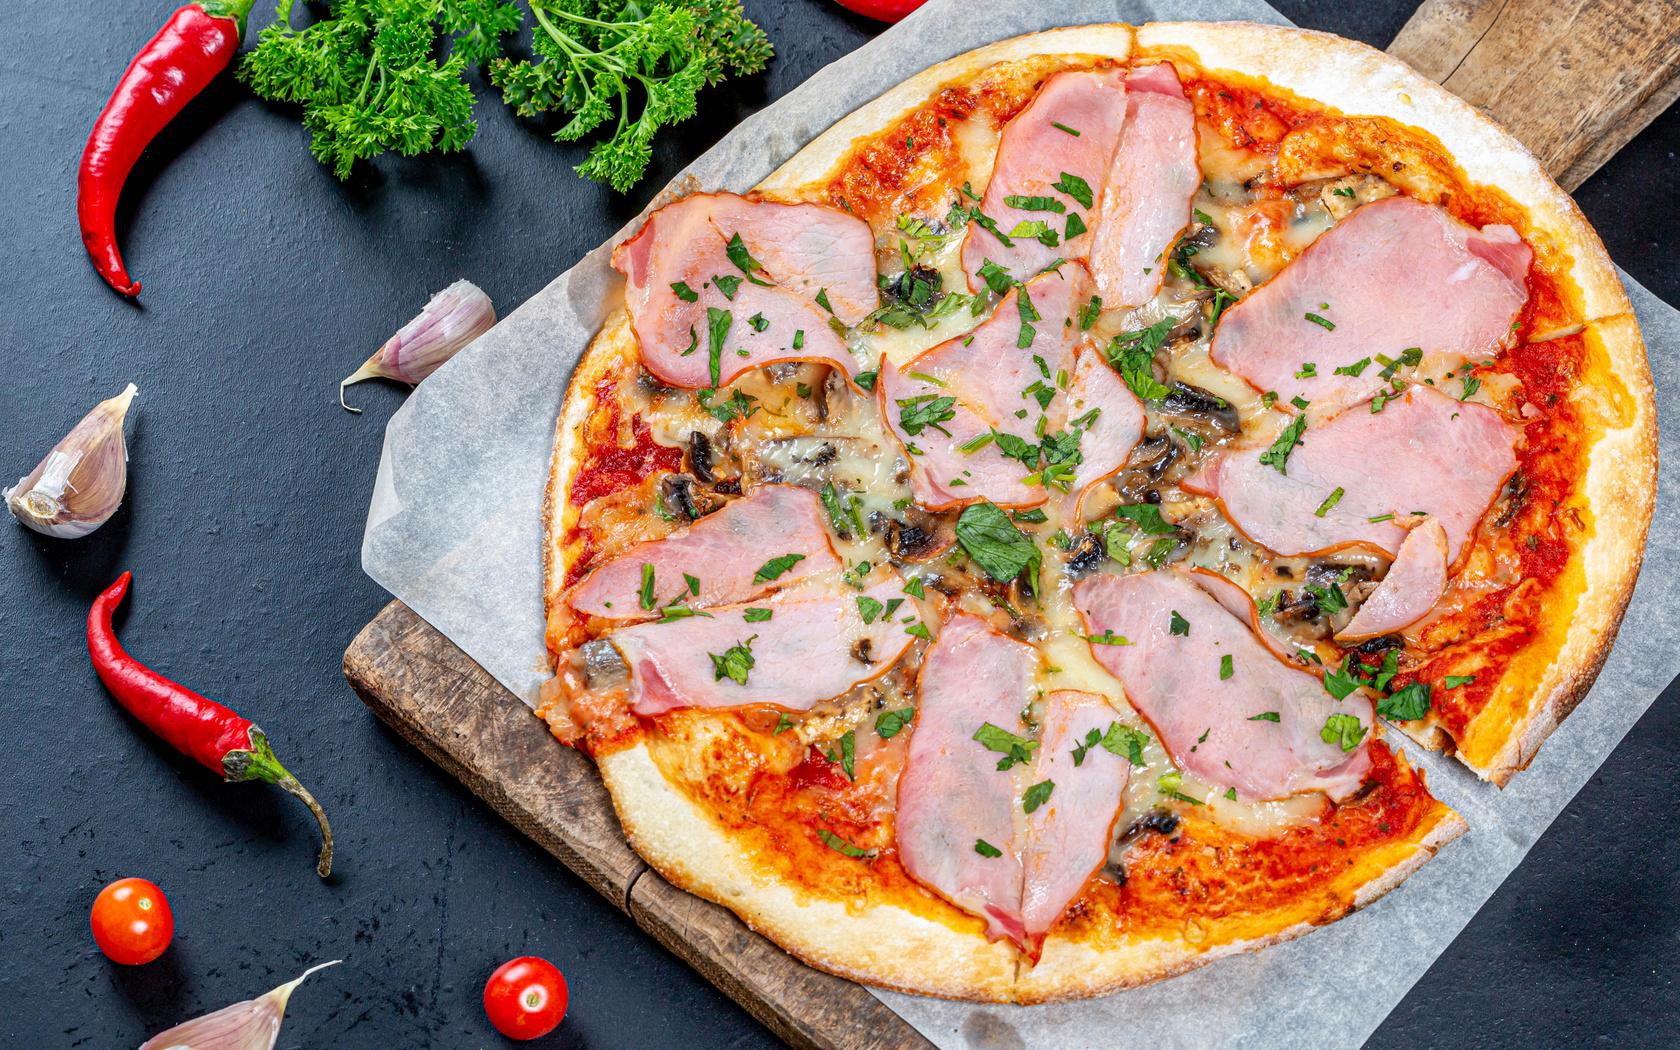 пицца, с ветчиной и грибами на столе с перцем, чили, чесноком и петрушкой